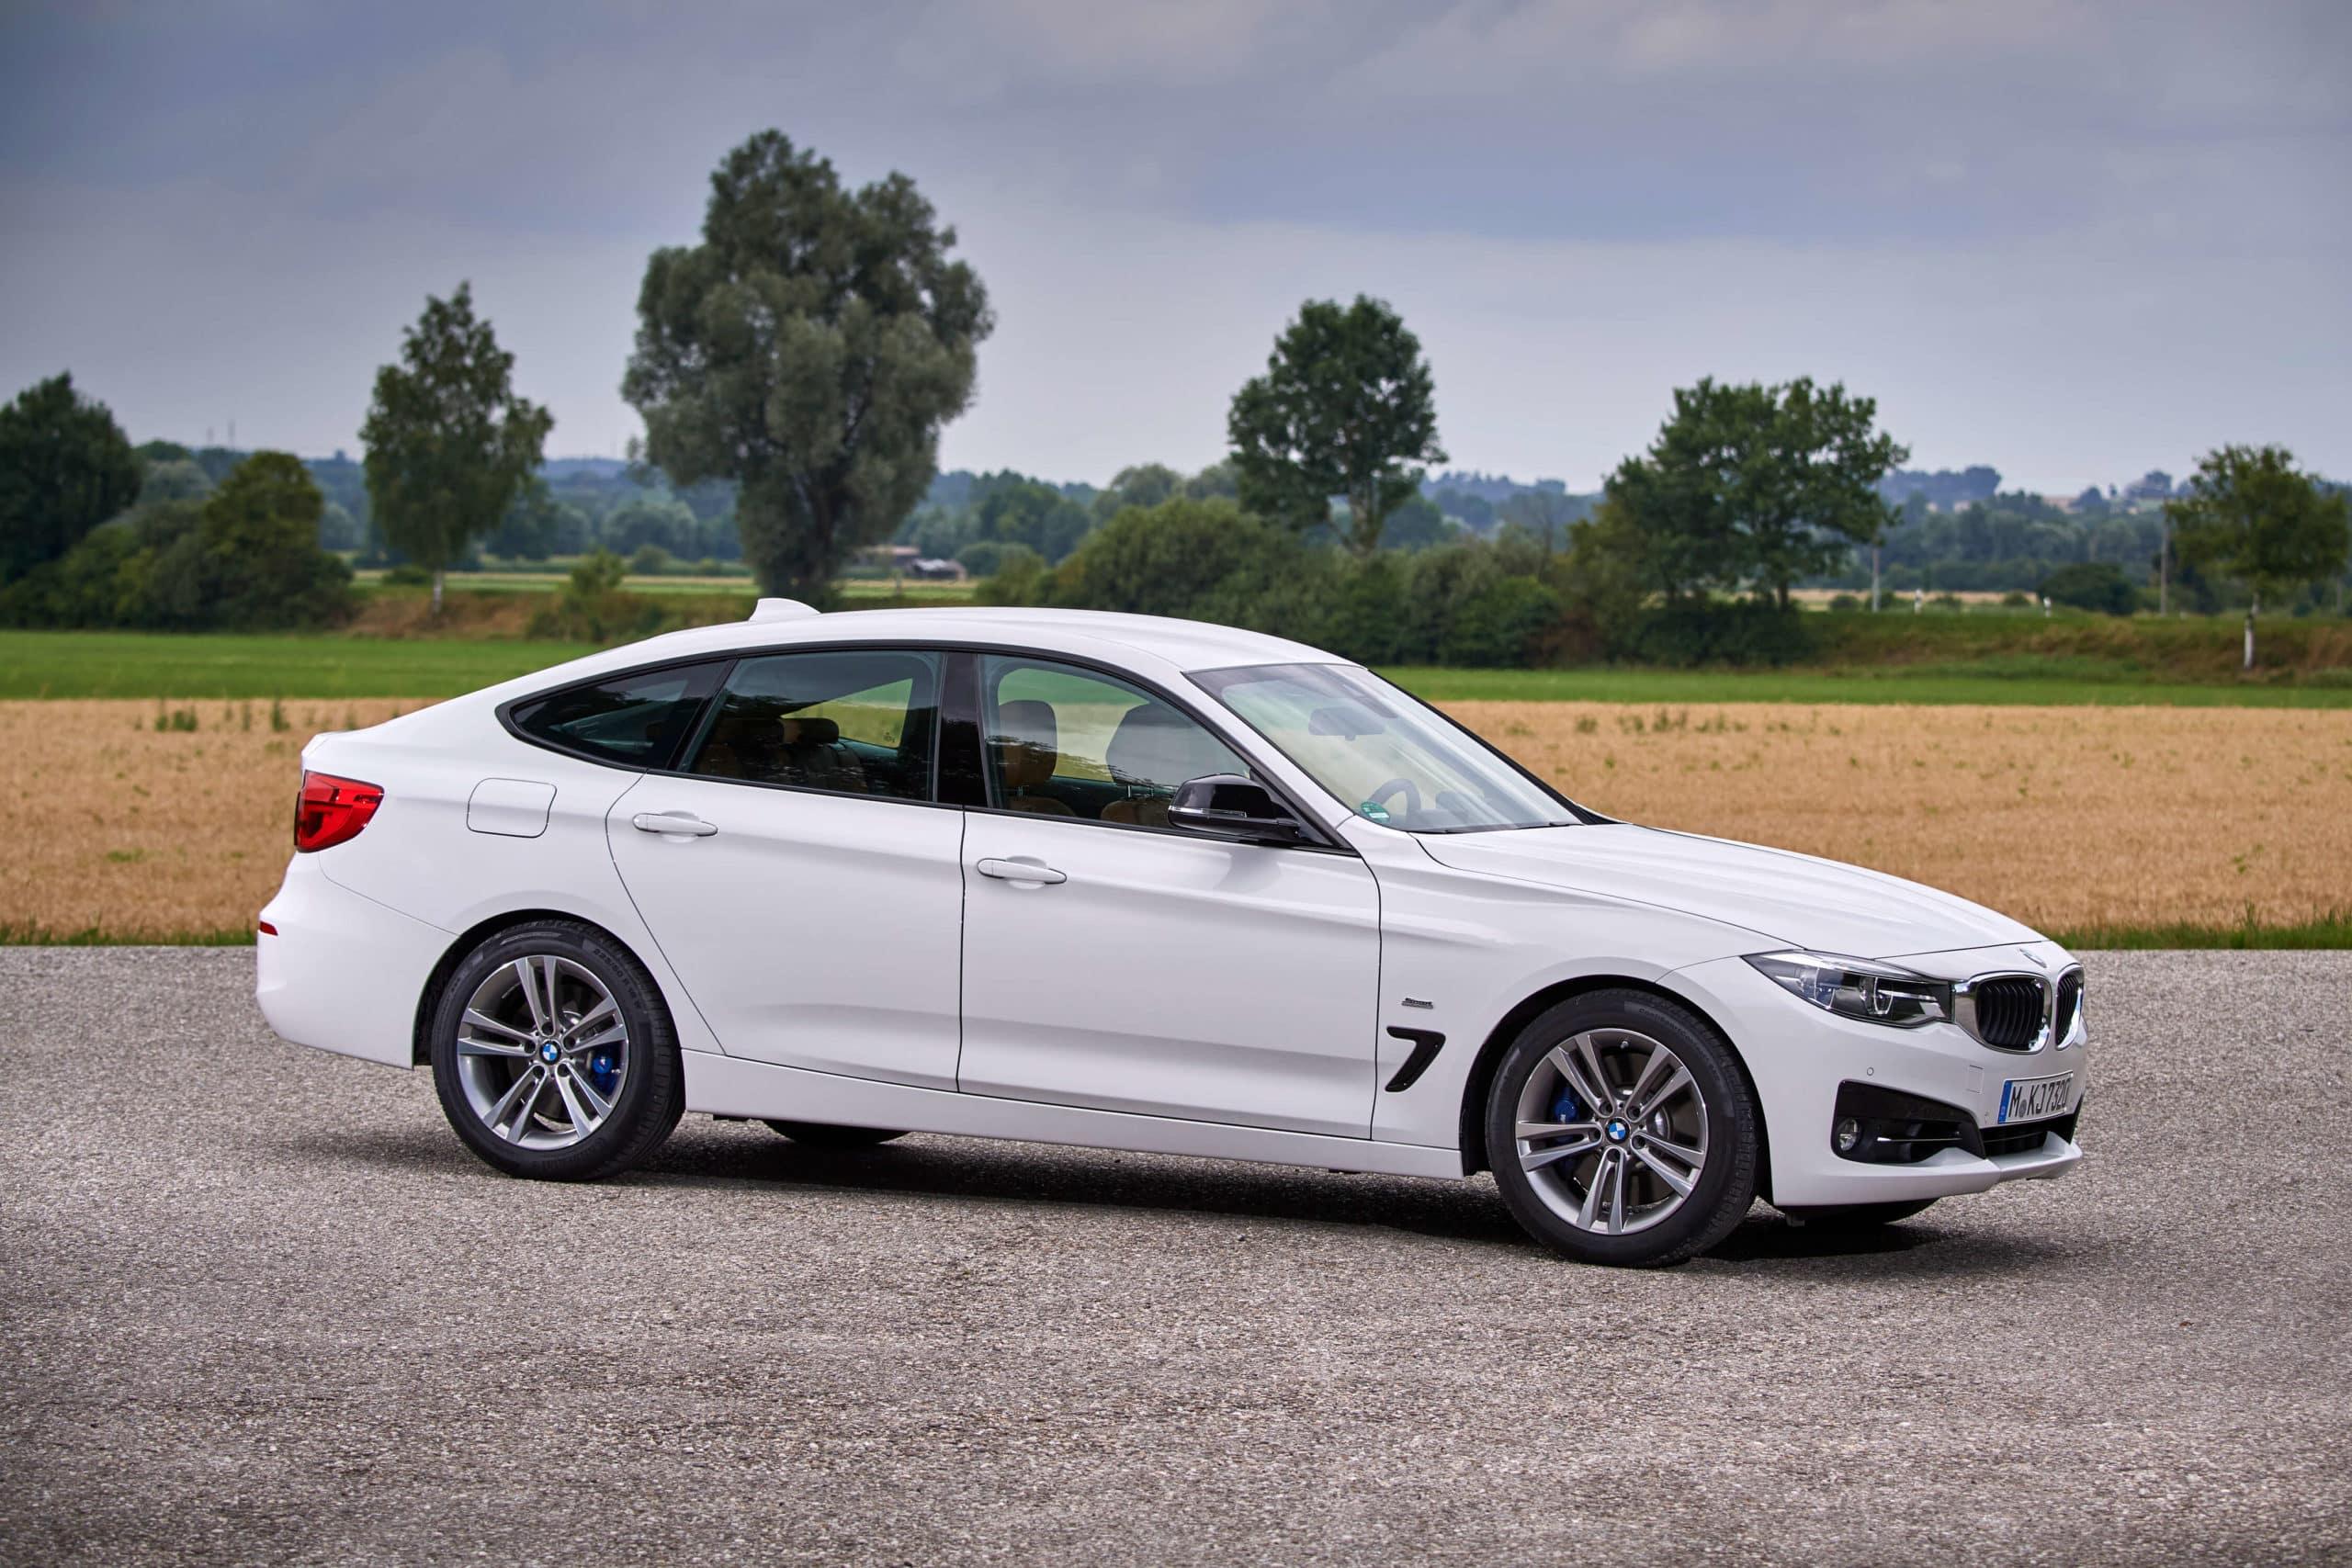 BMW 330I XDrive Gran Turismo